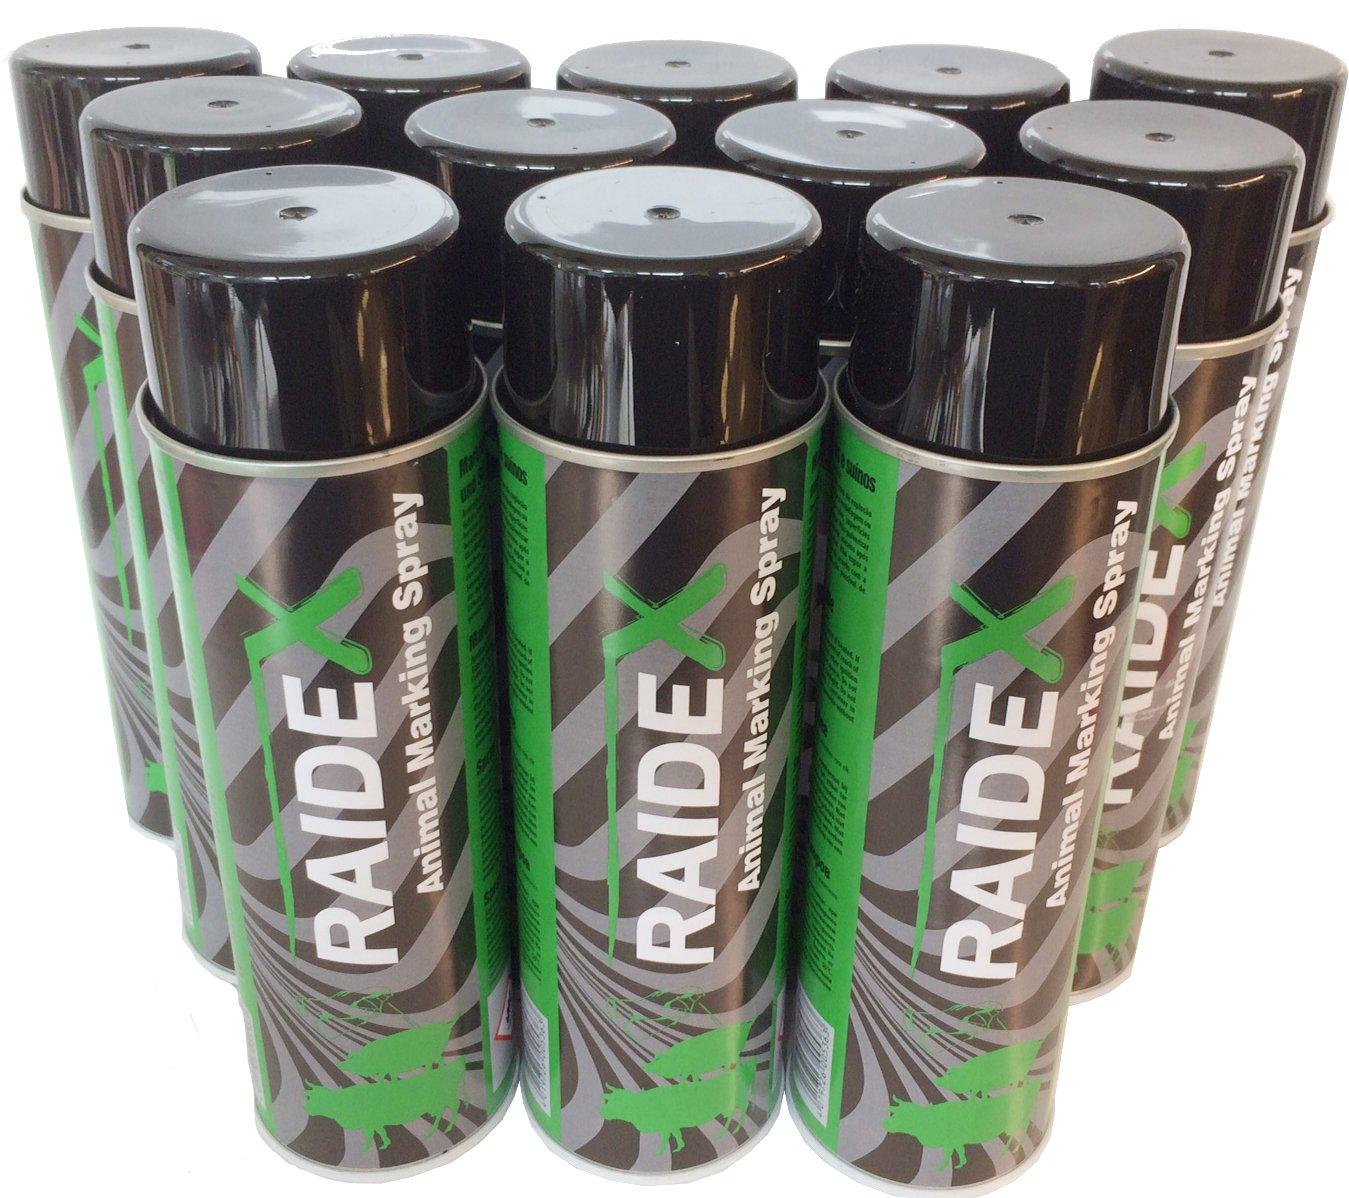 Raidex® Viehzeichenspray 12 x 400ml grün - Farbspray Markierungsspray - 12 Dosen Raidex GmbH